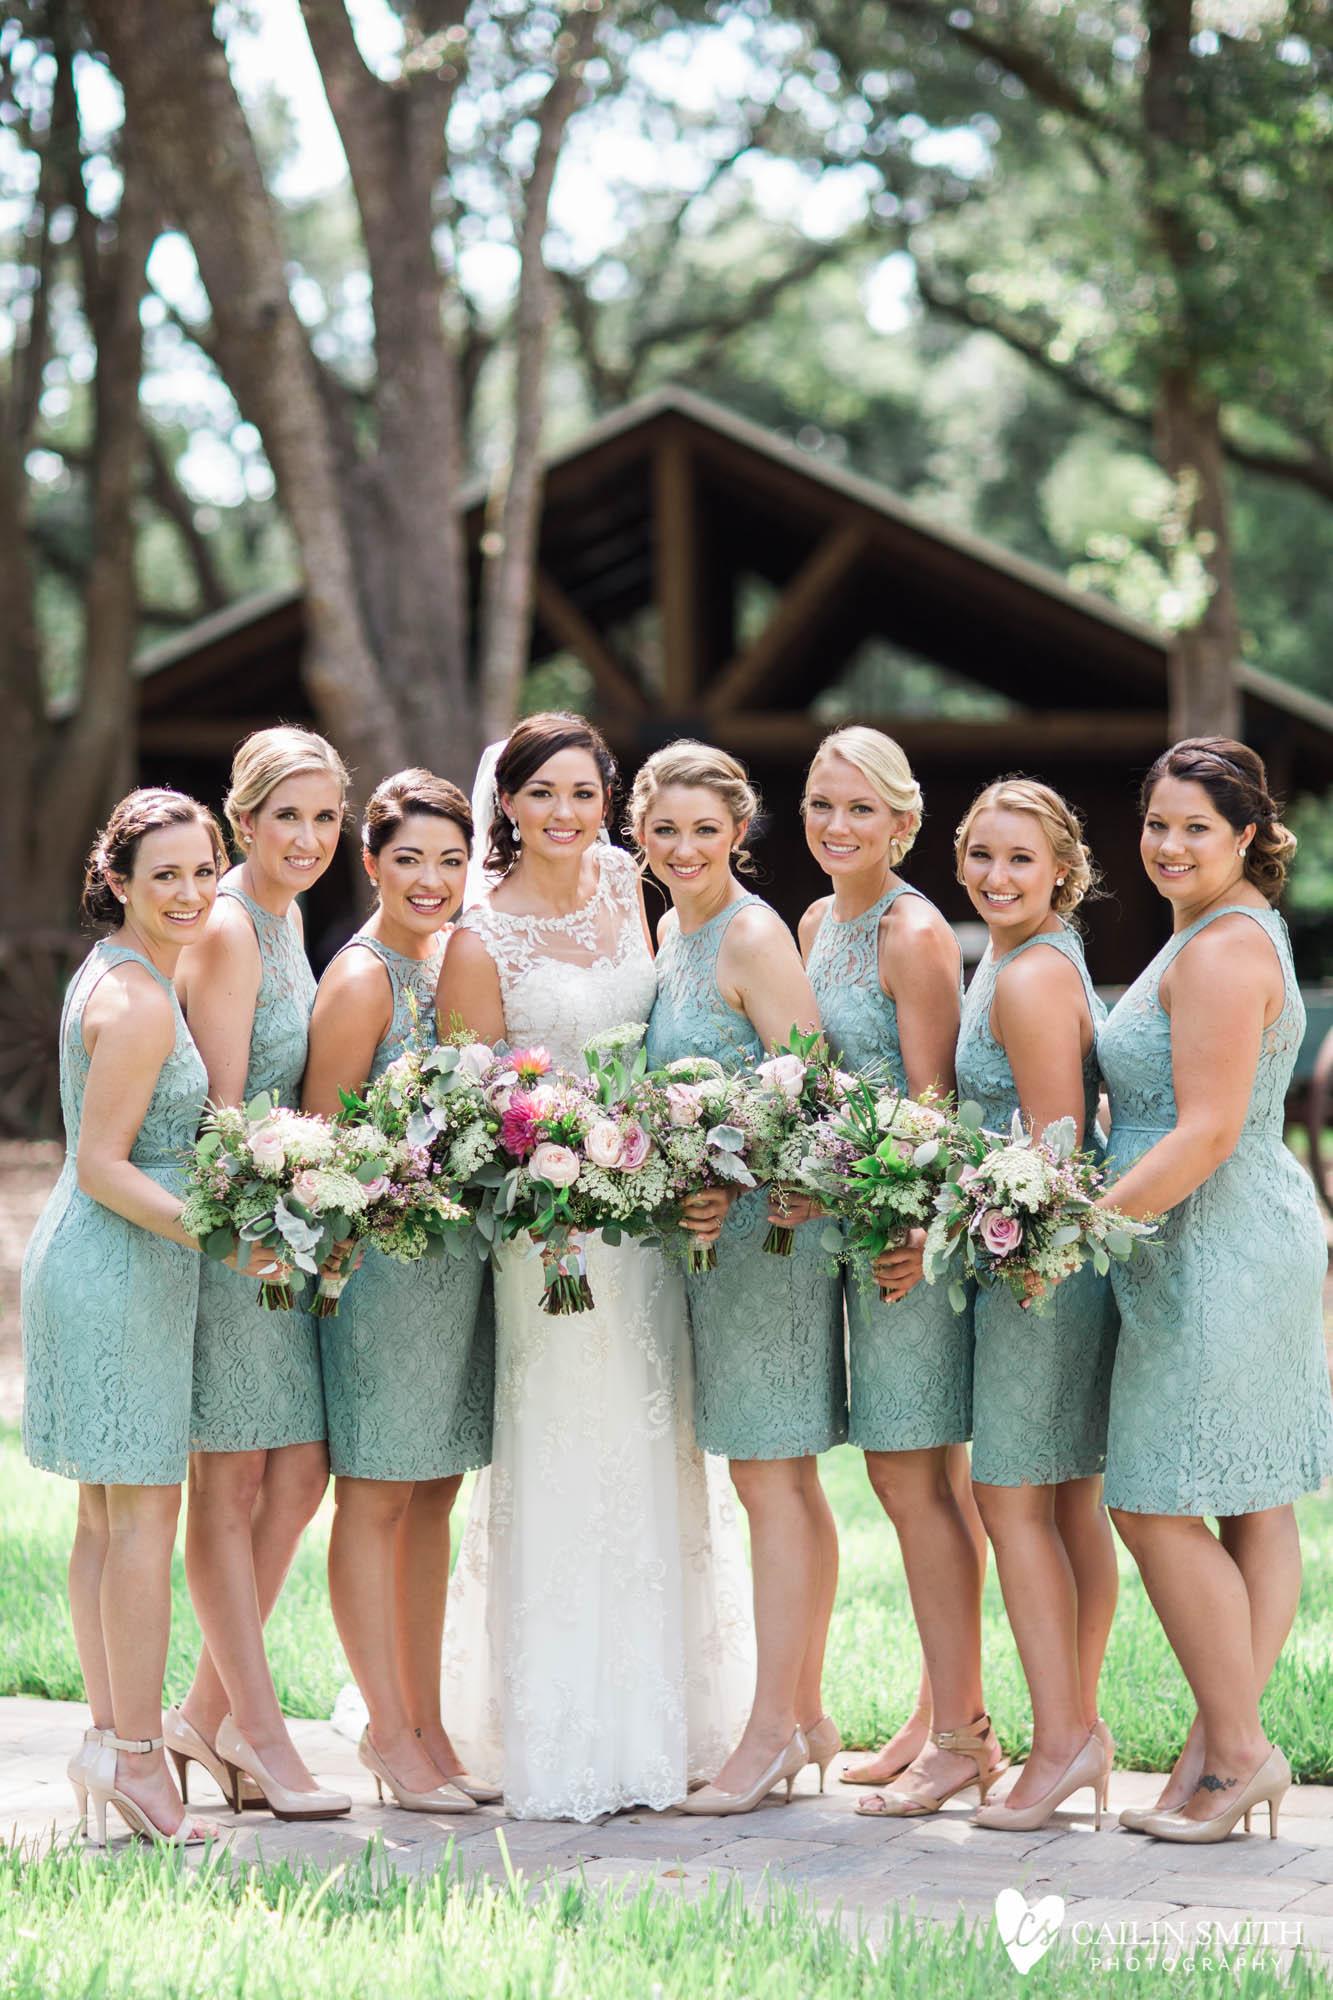 Bethany_Kyle_Bowing_Oaks_Plantation_Wedding_Photography_0054.jpg